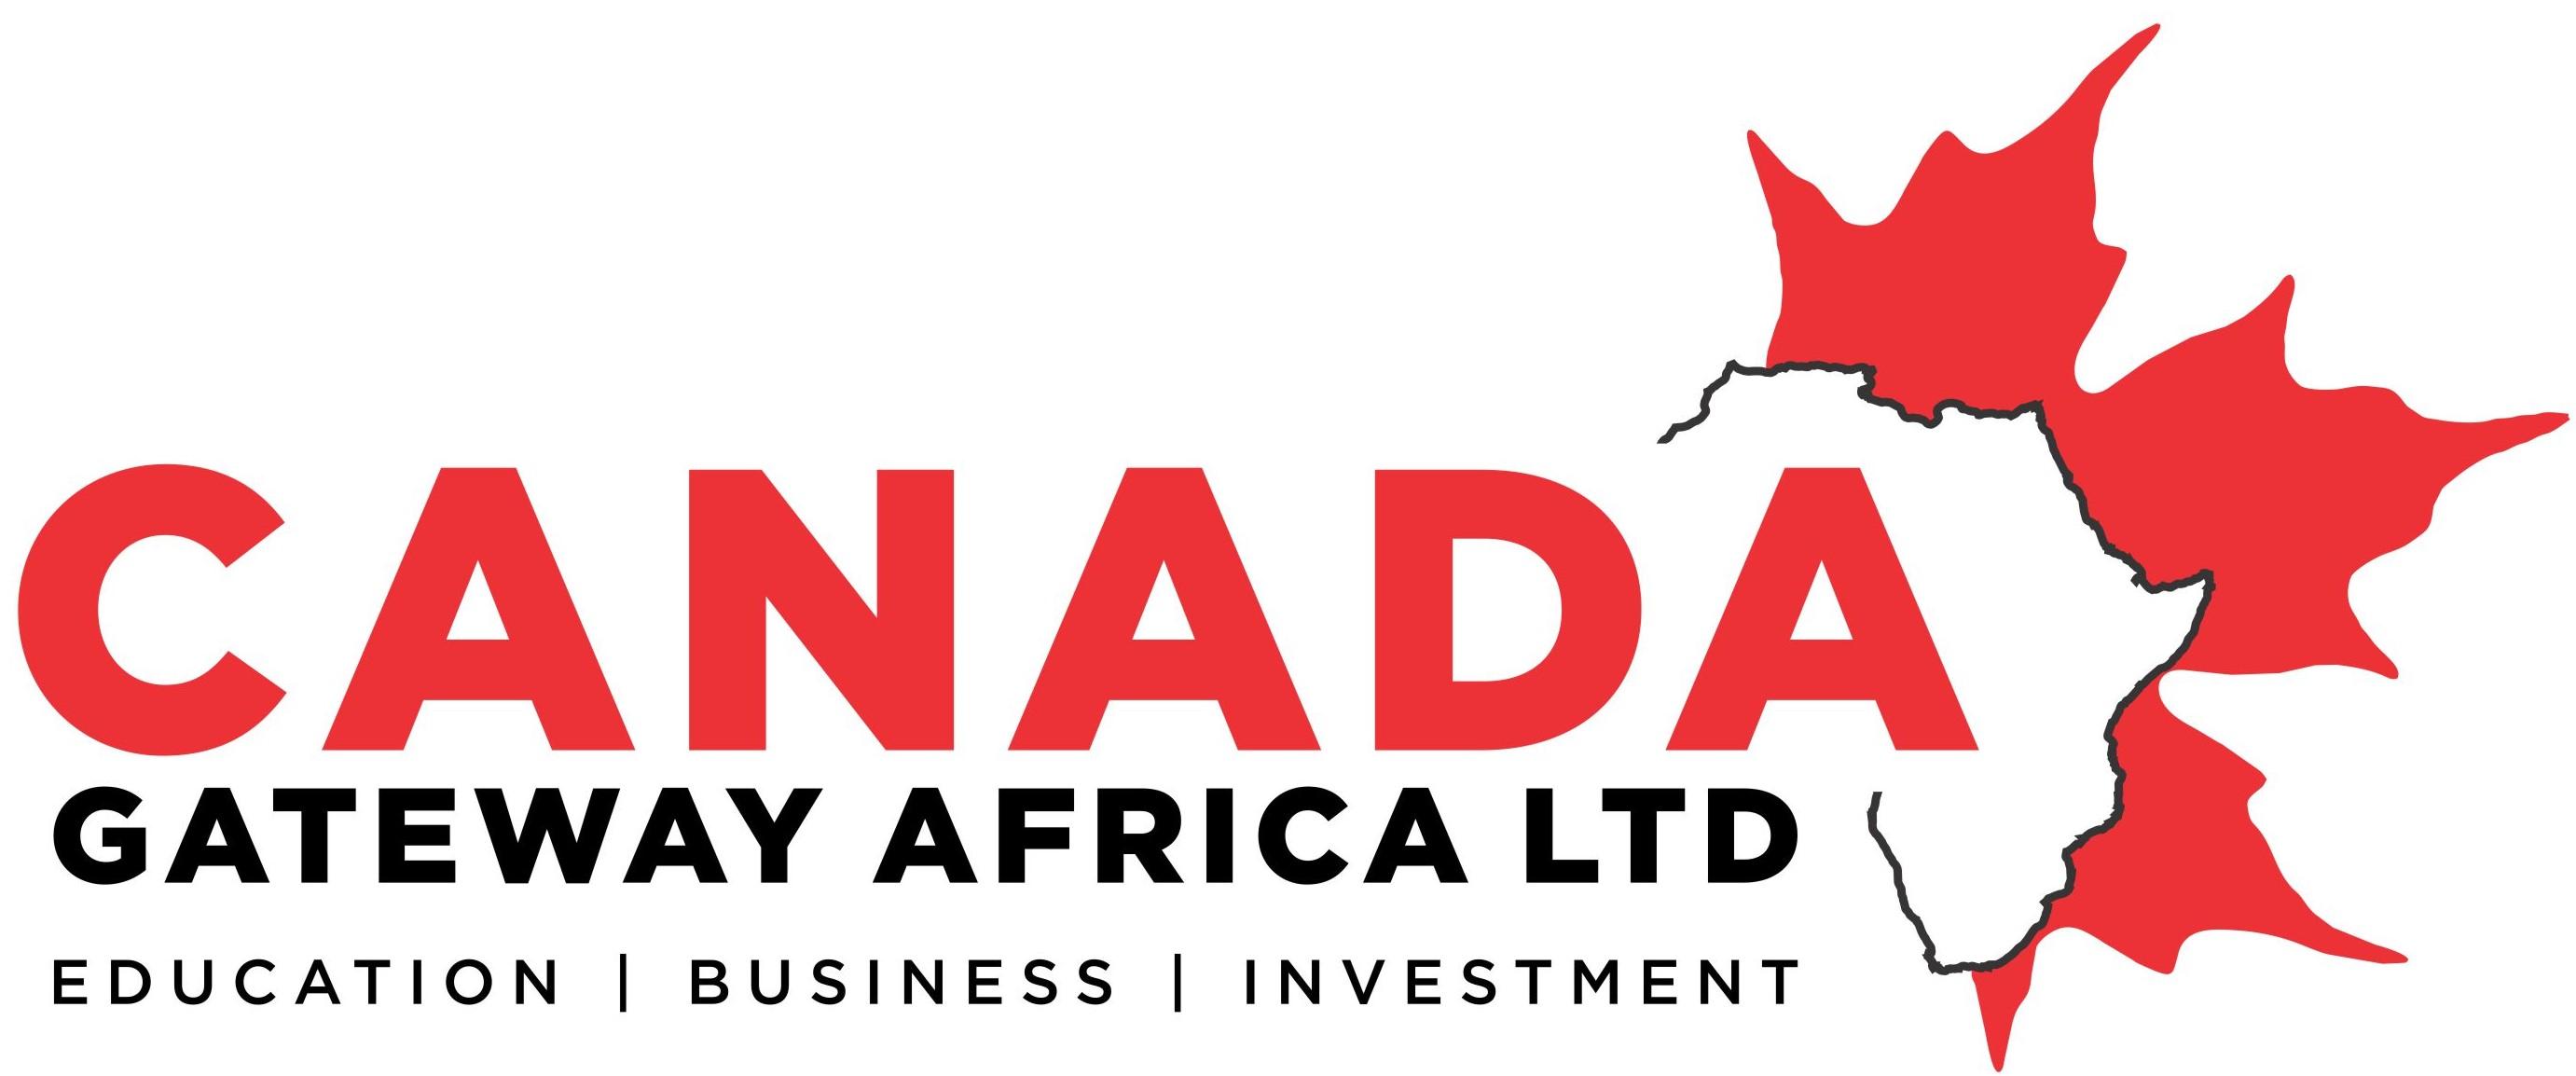 CANADA GATEWAY AFRICA